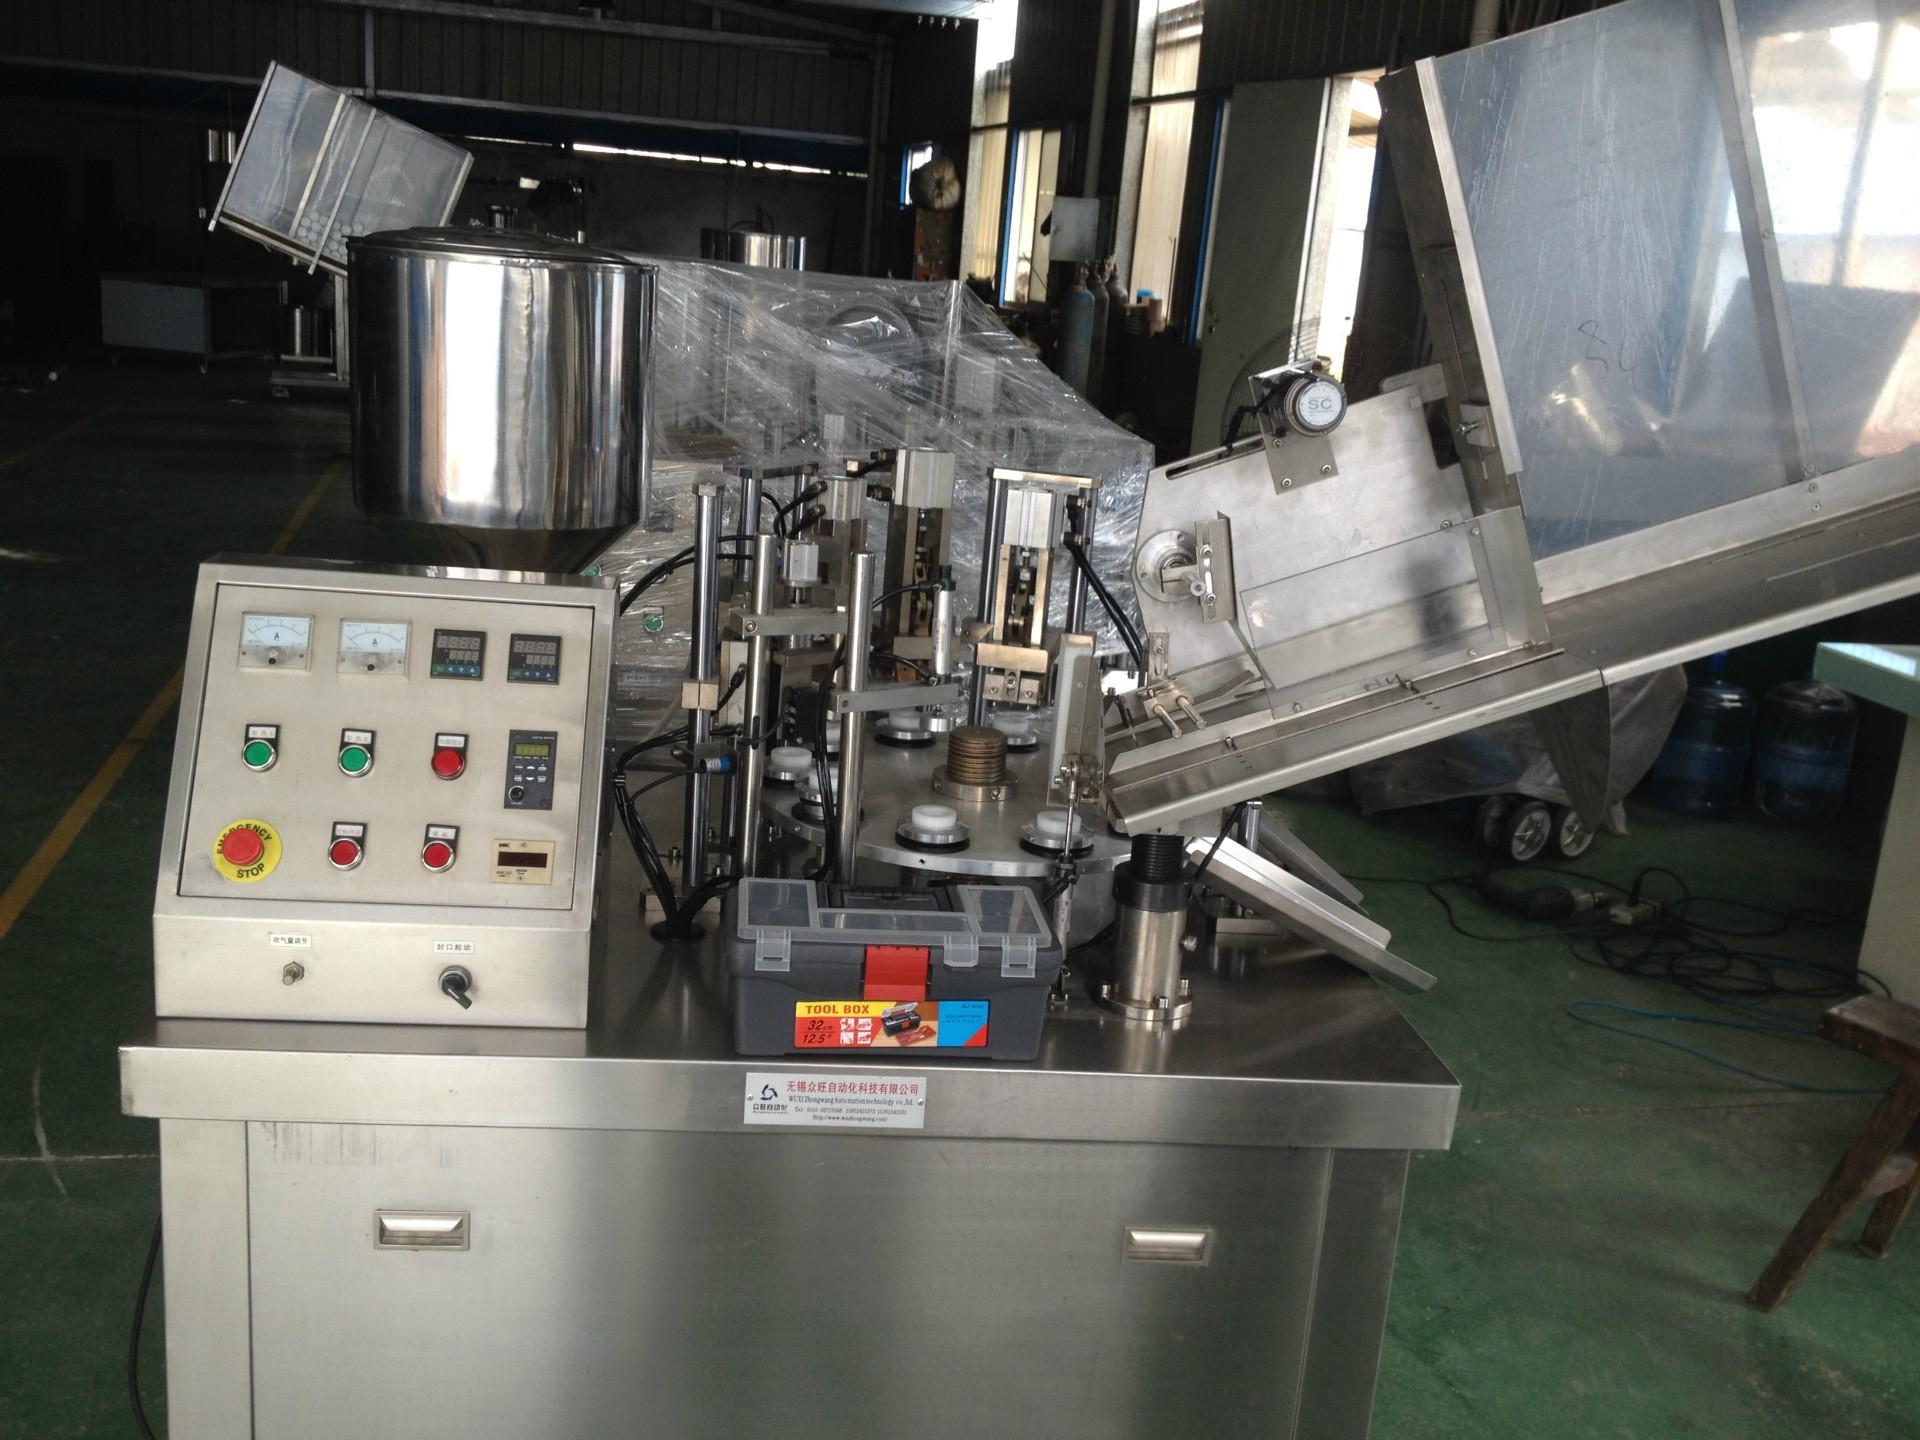 厂家直销全自动灌装封尾机塑料管铝塑管灌装机化妆品包装机